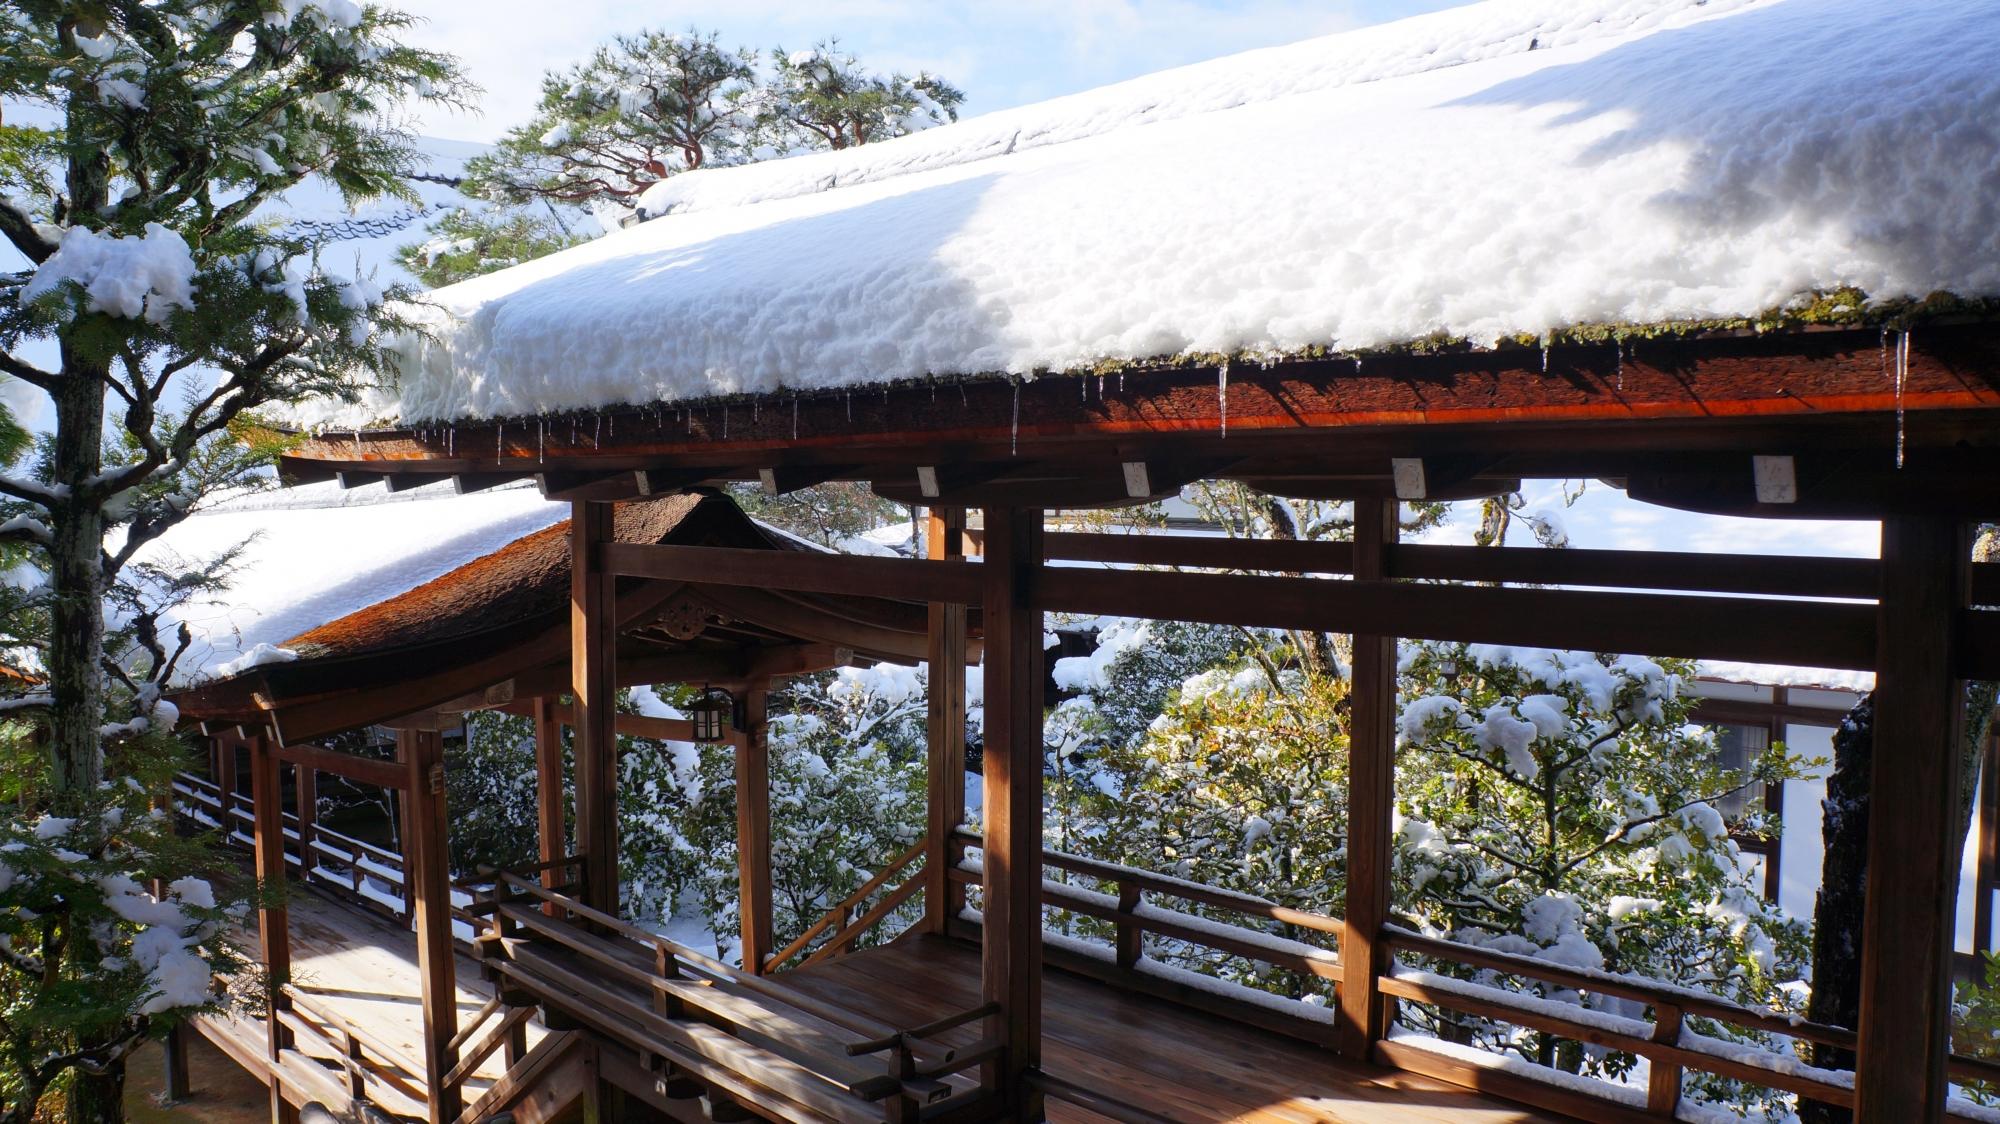 霊明殿に続く回廊の風情ある雪景色